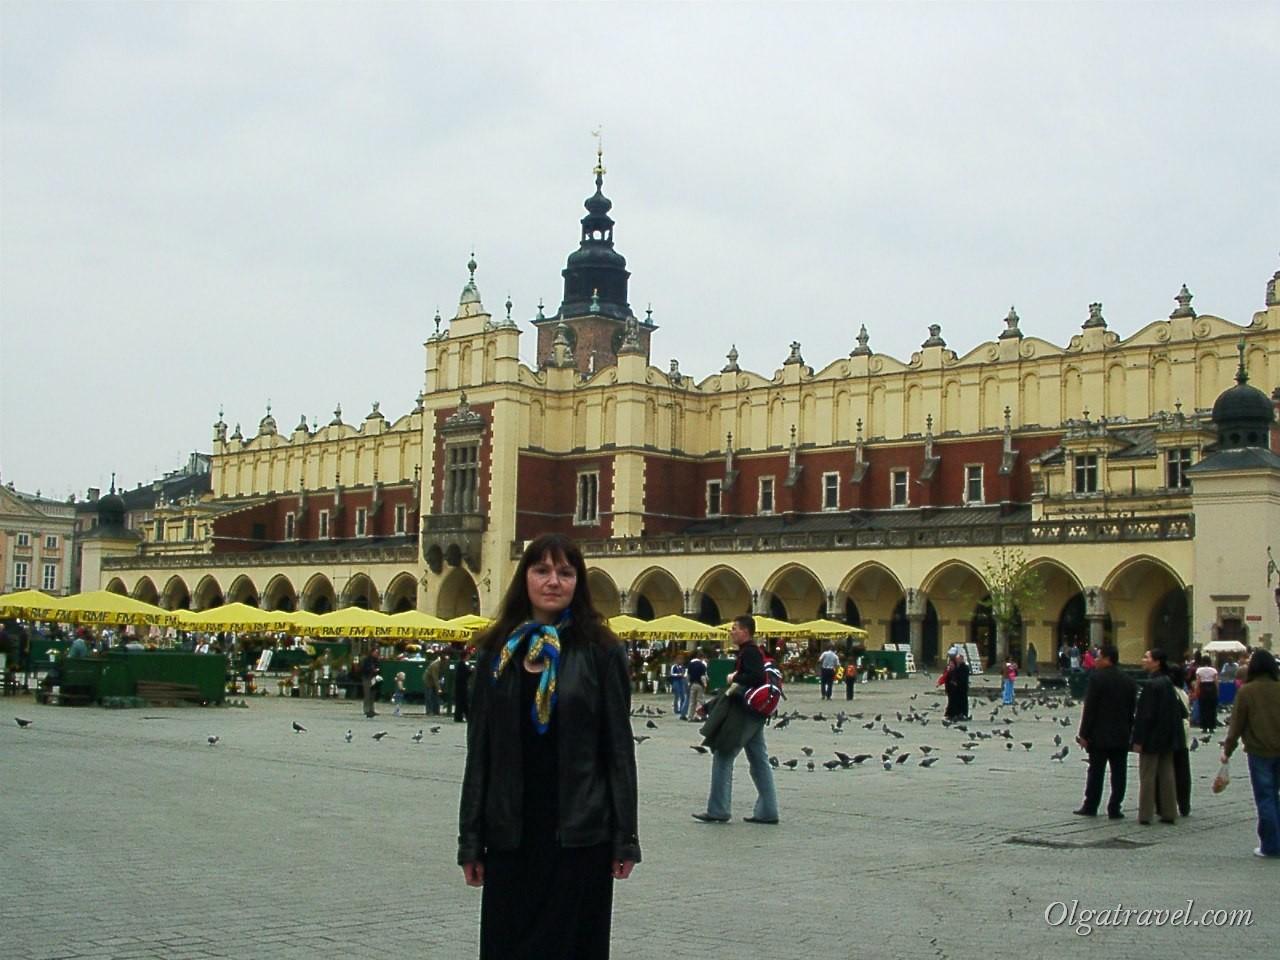 Торговые рядя Сукенницы на площади Рынок в Кракове